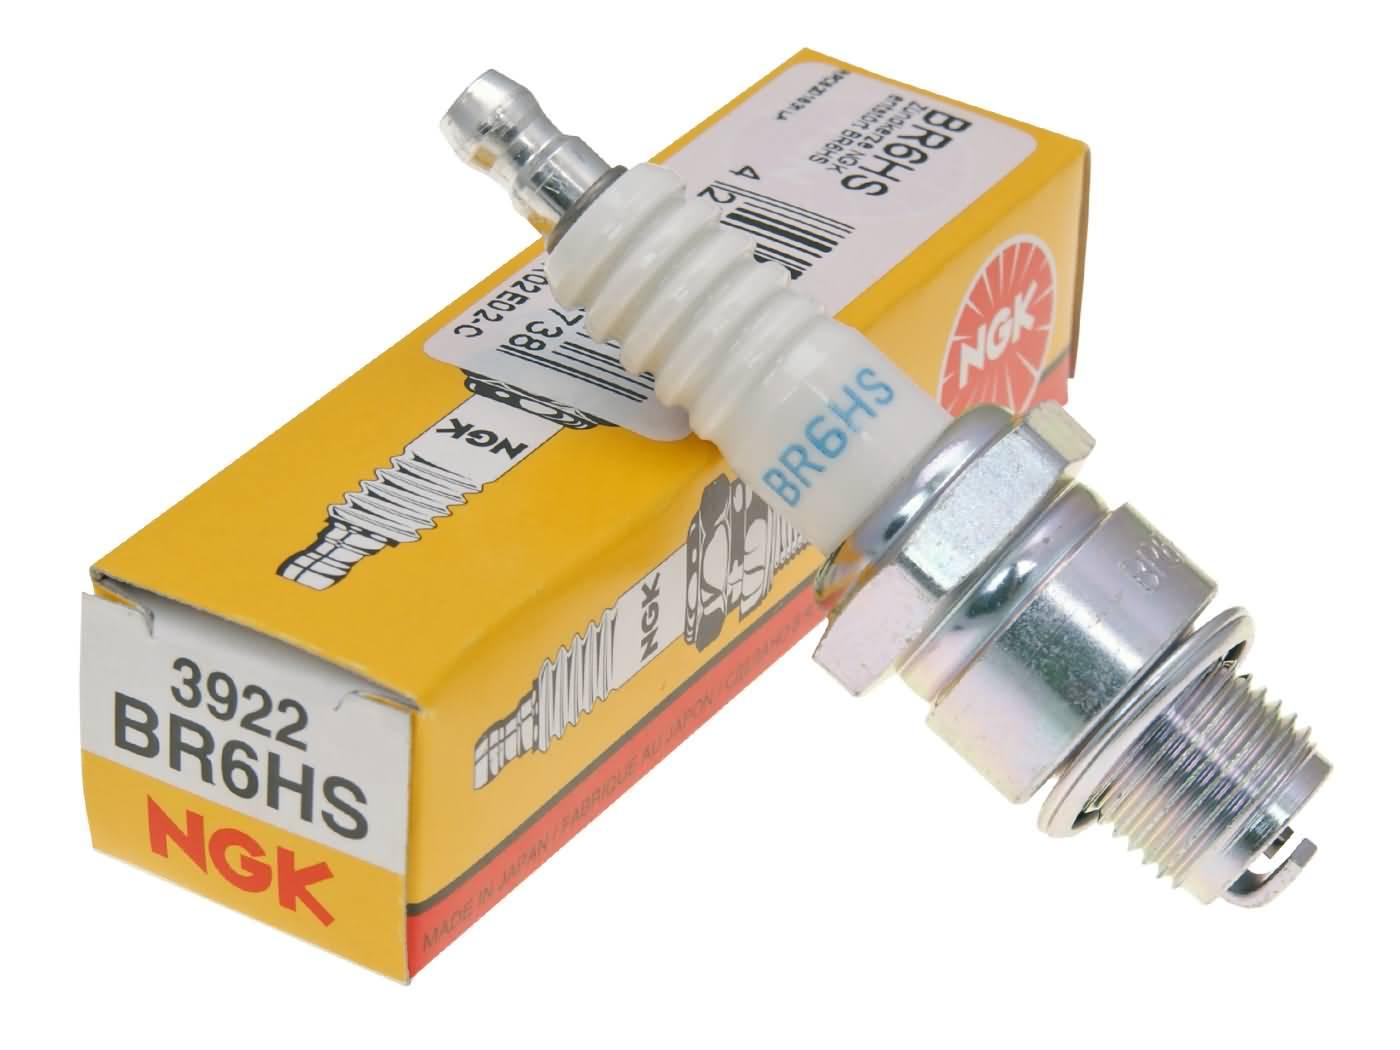 Spark Plug Ngk Shielded/ /BR5HS